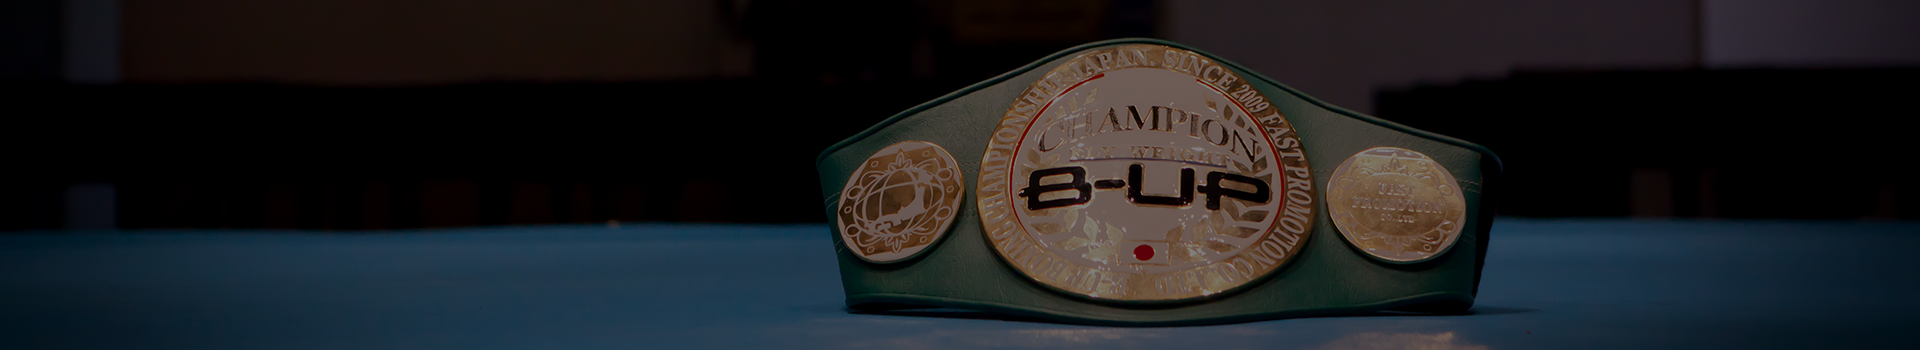 B-UP(ビーアップ)|【年齢制限なし】元プロ・アマ問わずで格闘技経験ありの誰でも参加できるボクシング大会です